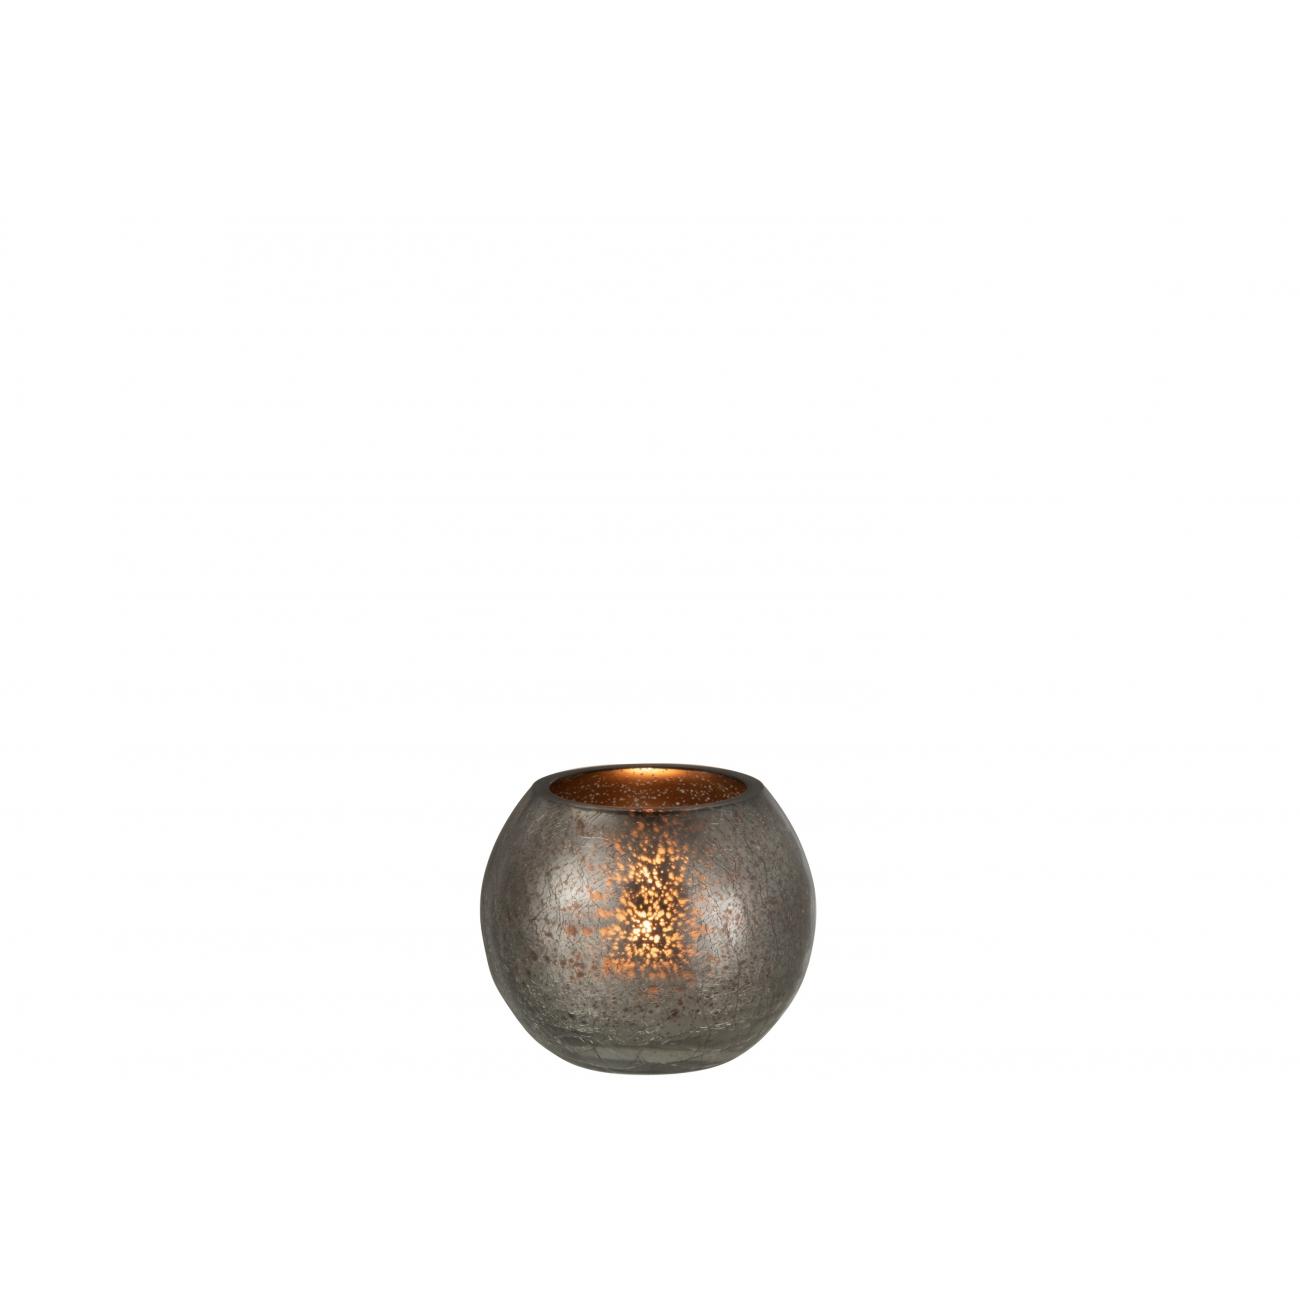 Подсвечник J-LINE стеклянный с эффектом разбитого стекла матовый серого цвета 13х13 см Бельгия